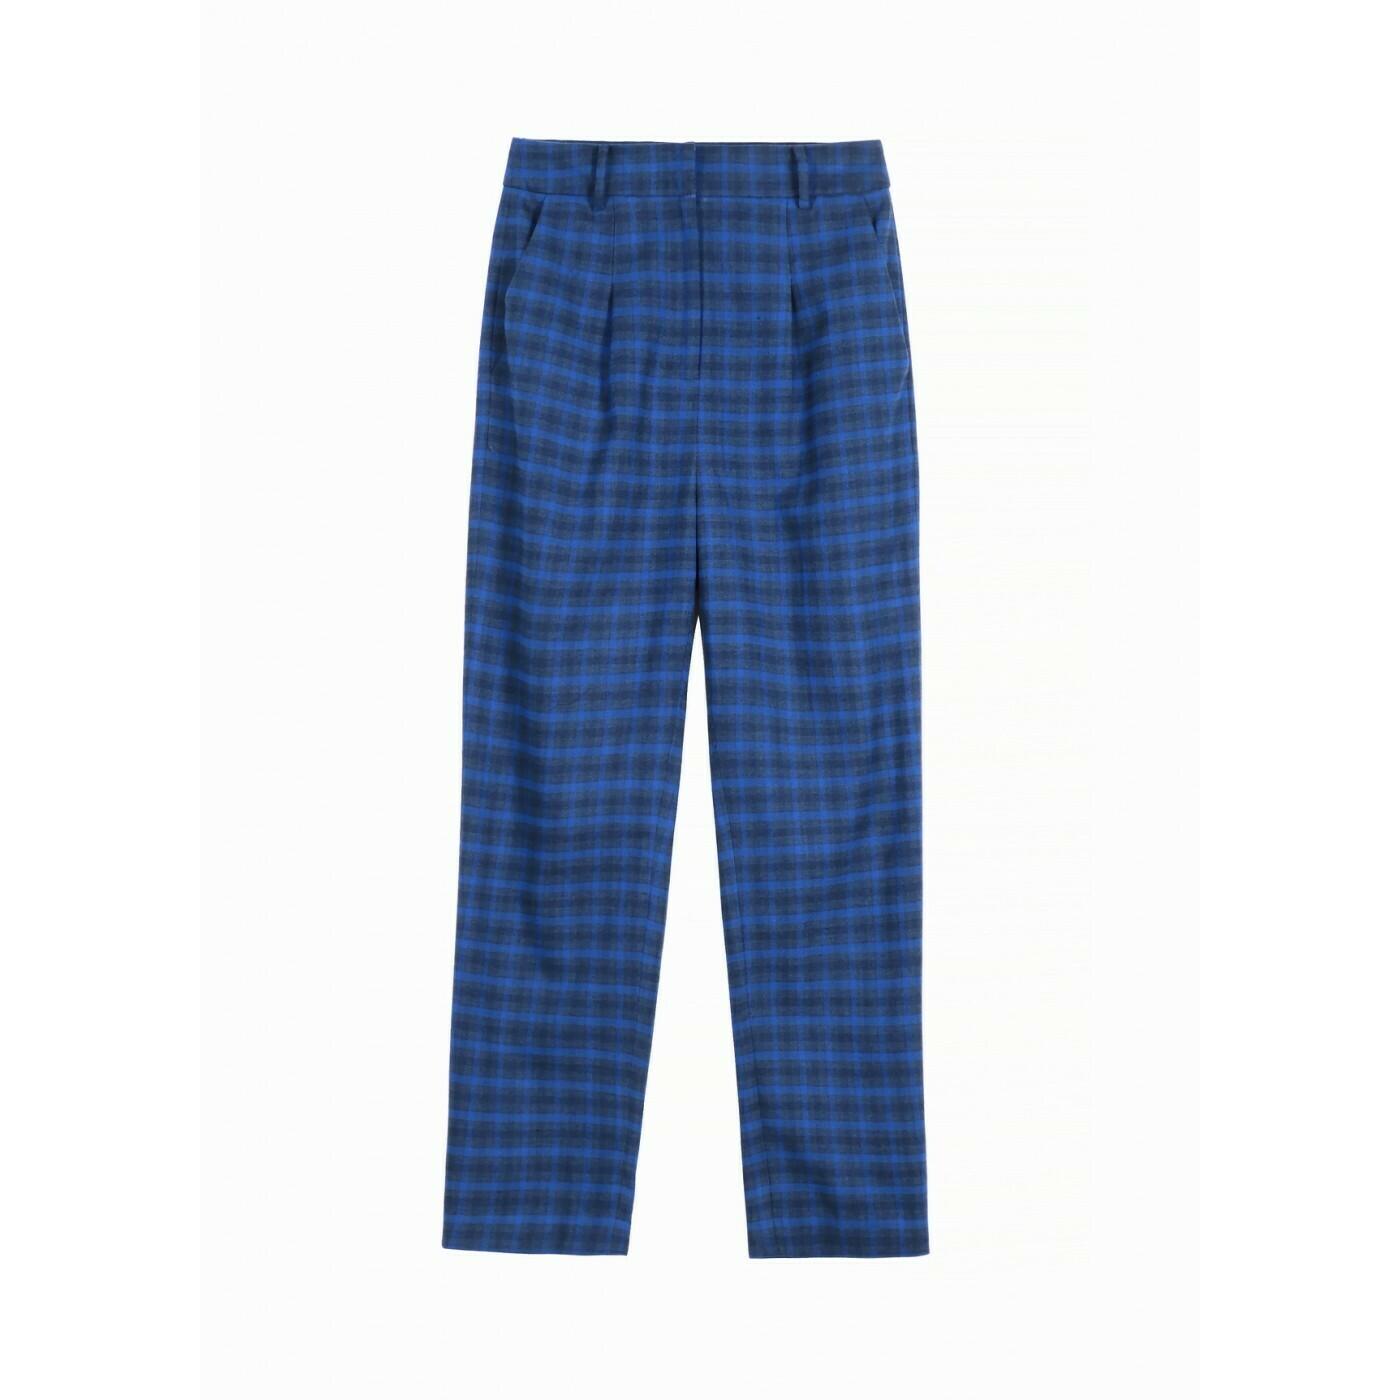 Pantalone in flanella a quadri